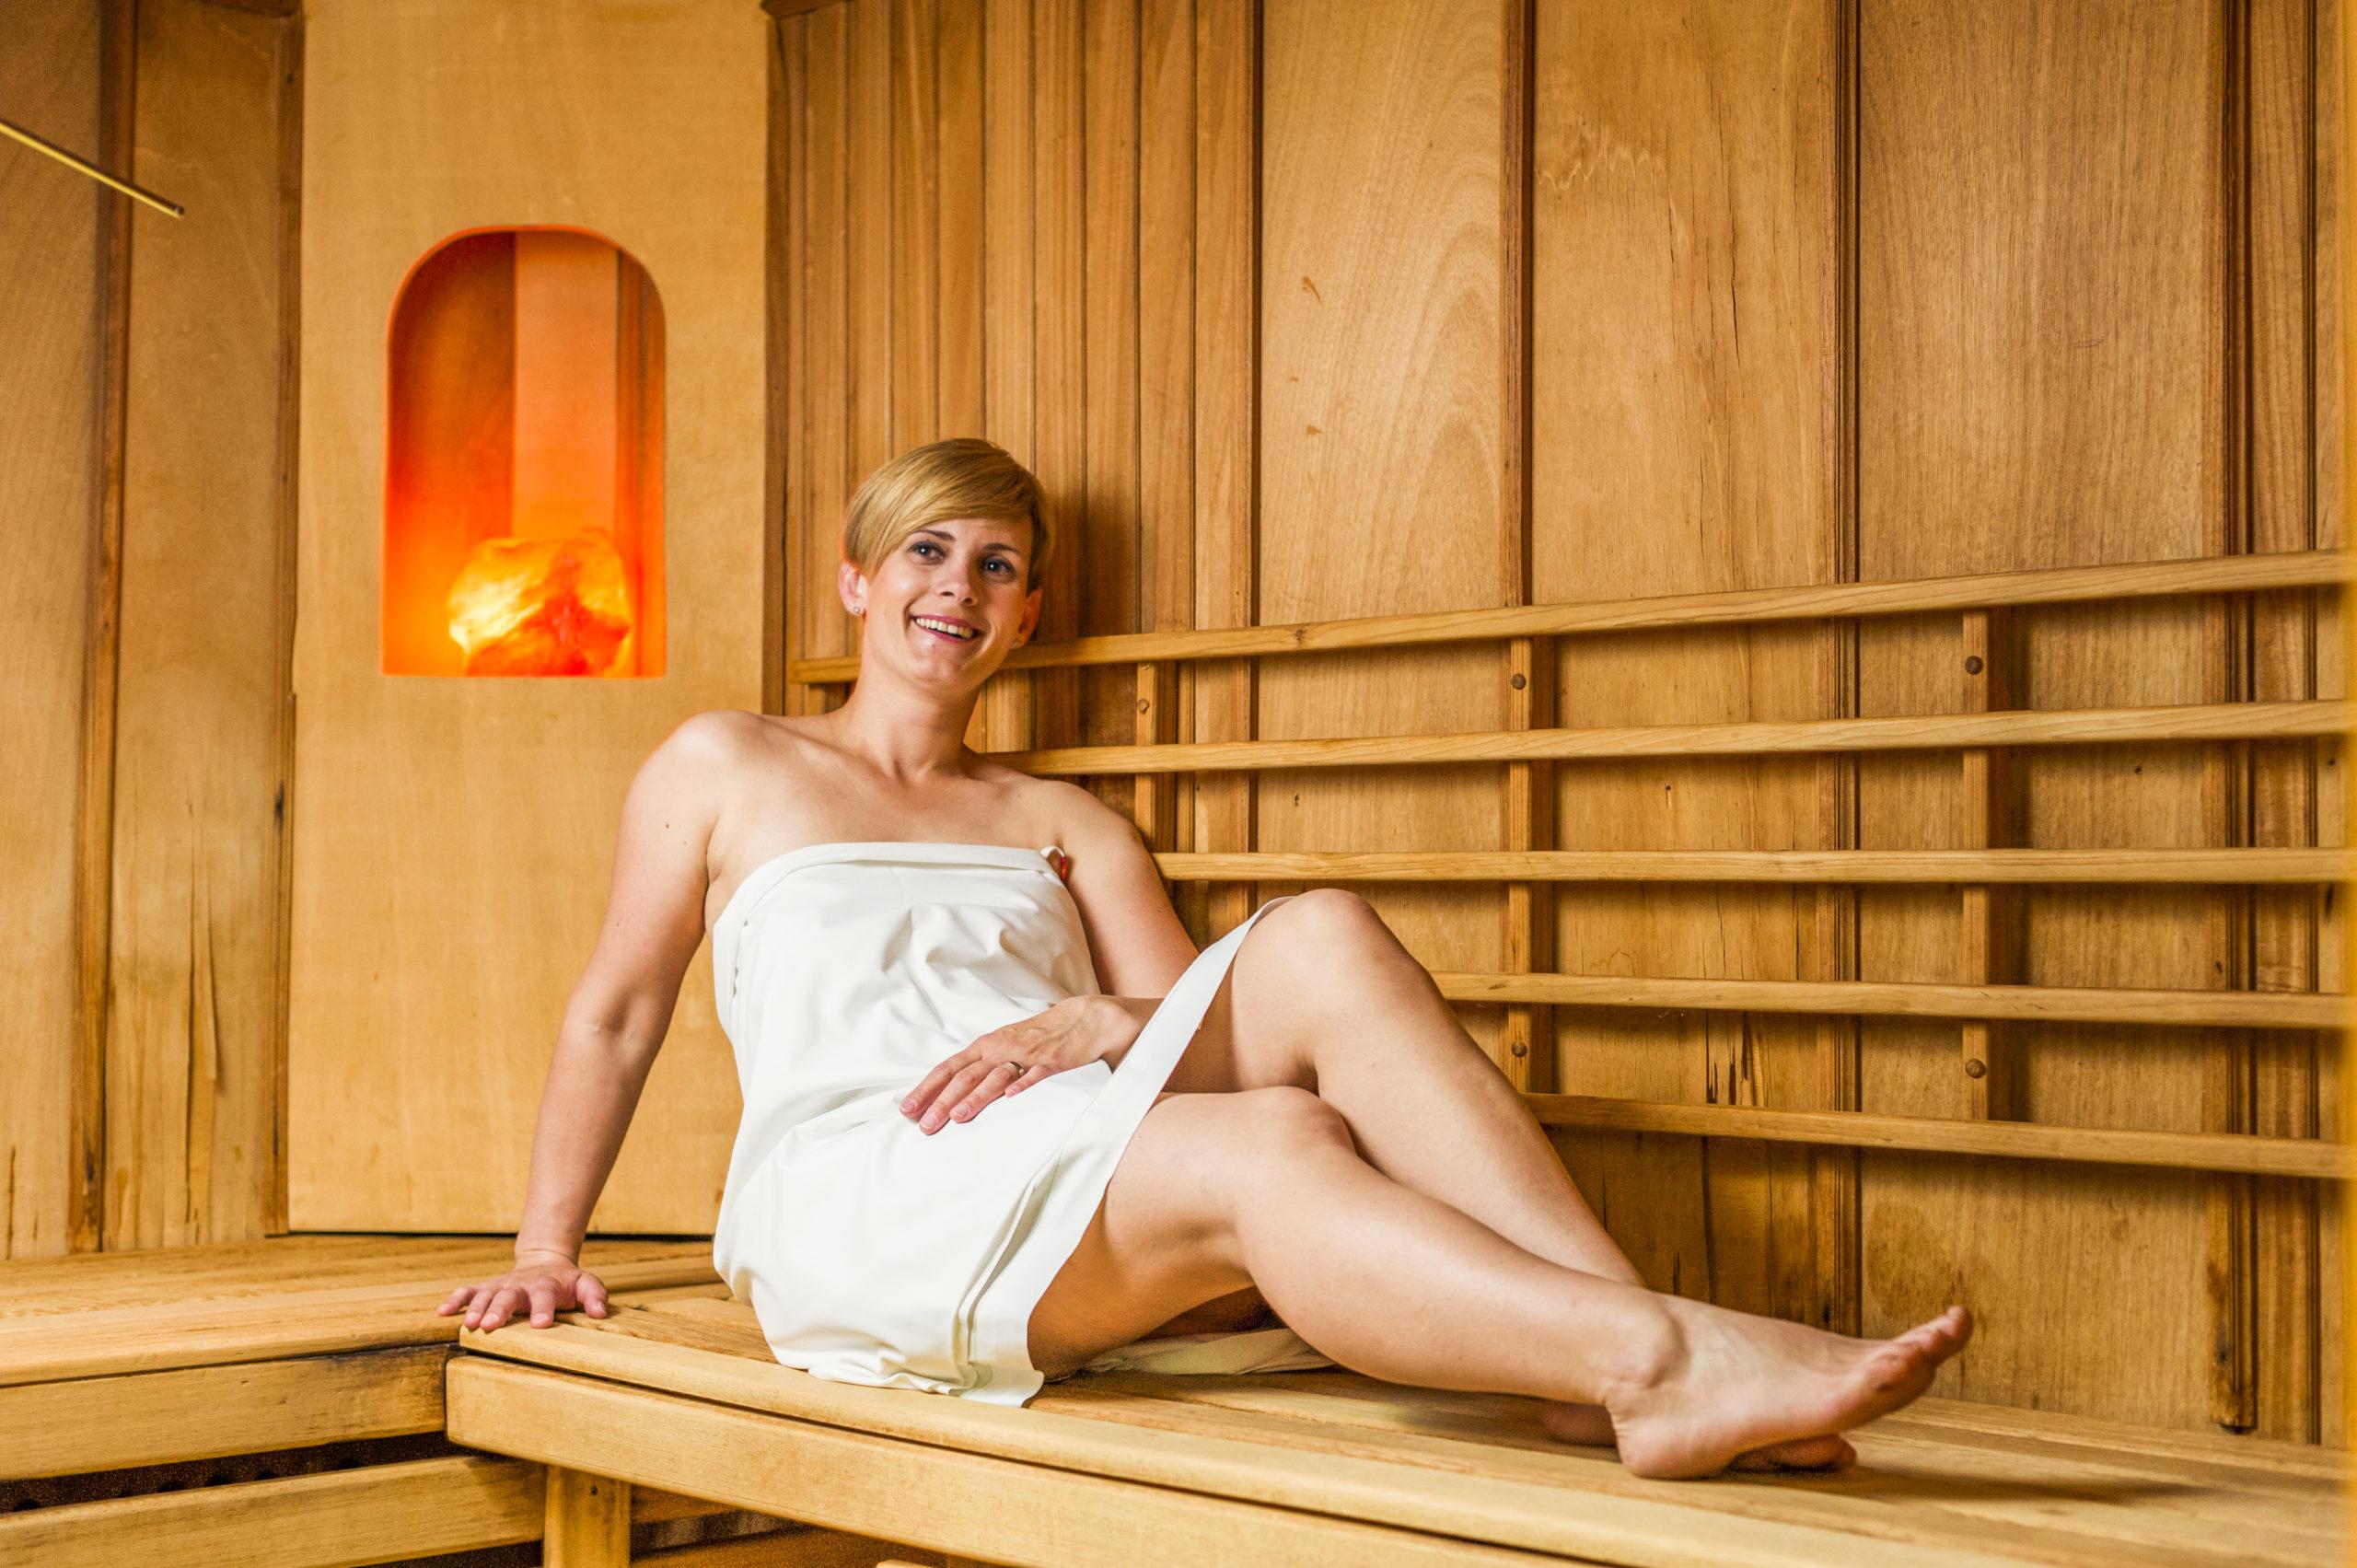 Woman in sauna_TL_Foto ZV_09 14